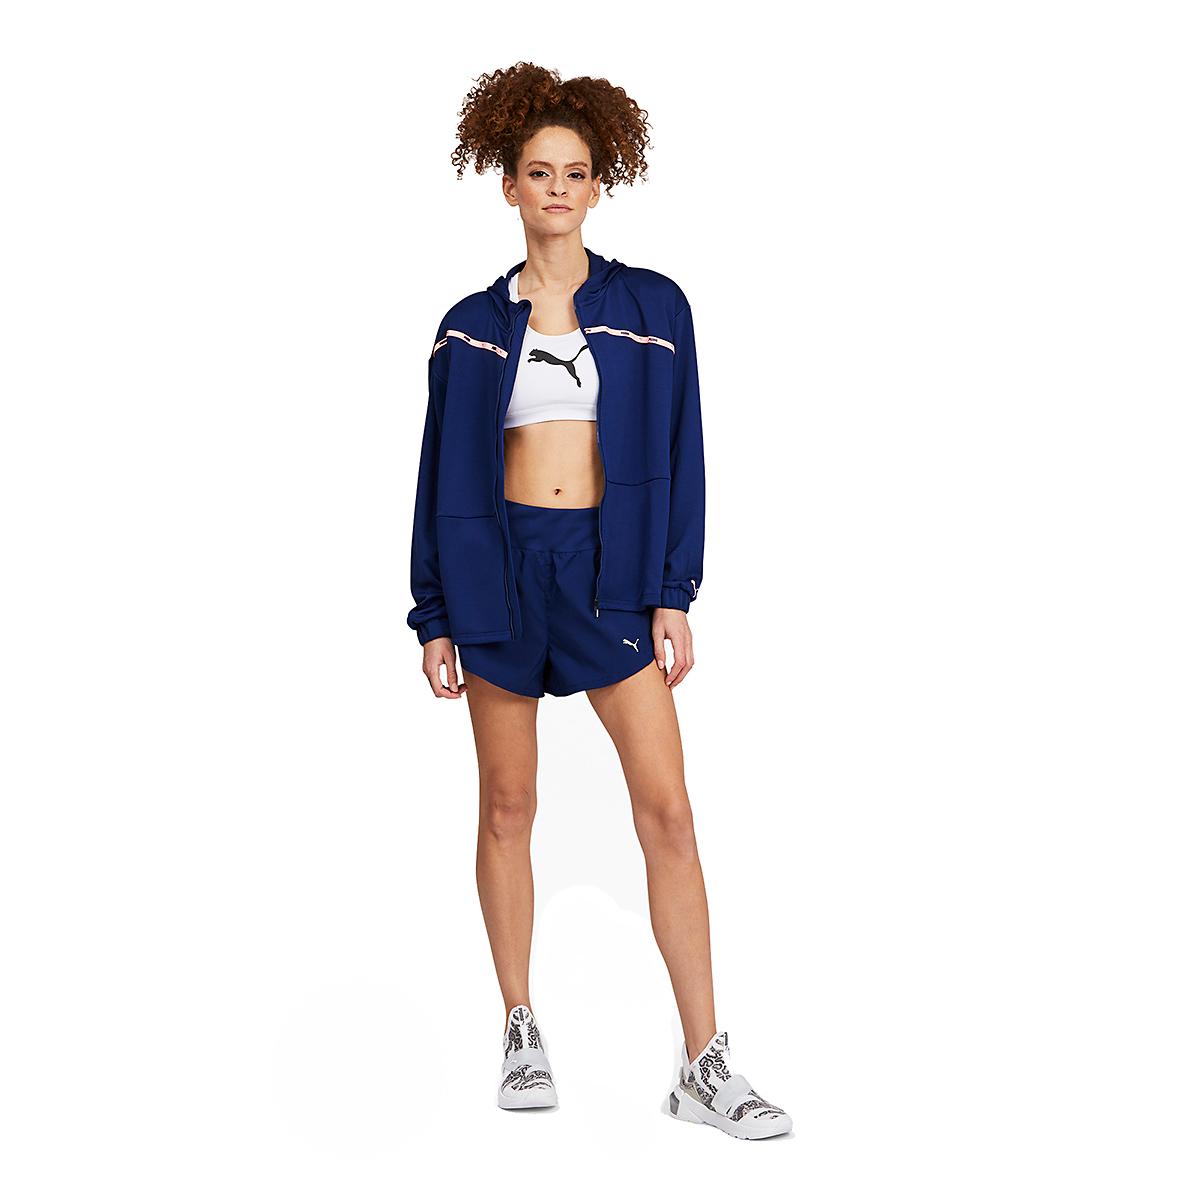 """Women's Puma COOLadapt 3"""" Running Shorts - Color: Elektro Blue - Size: XS, Elektro Blue, large, image 3"""